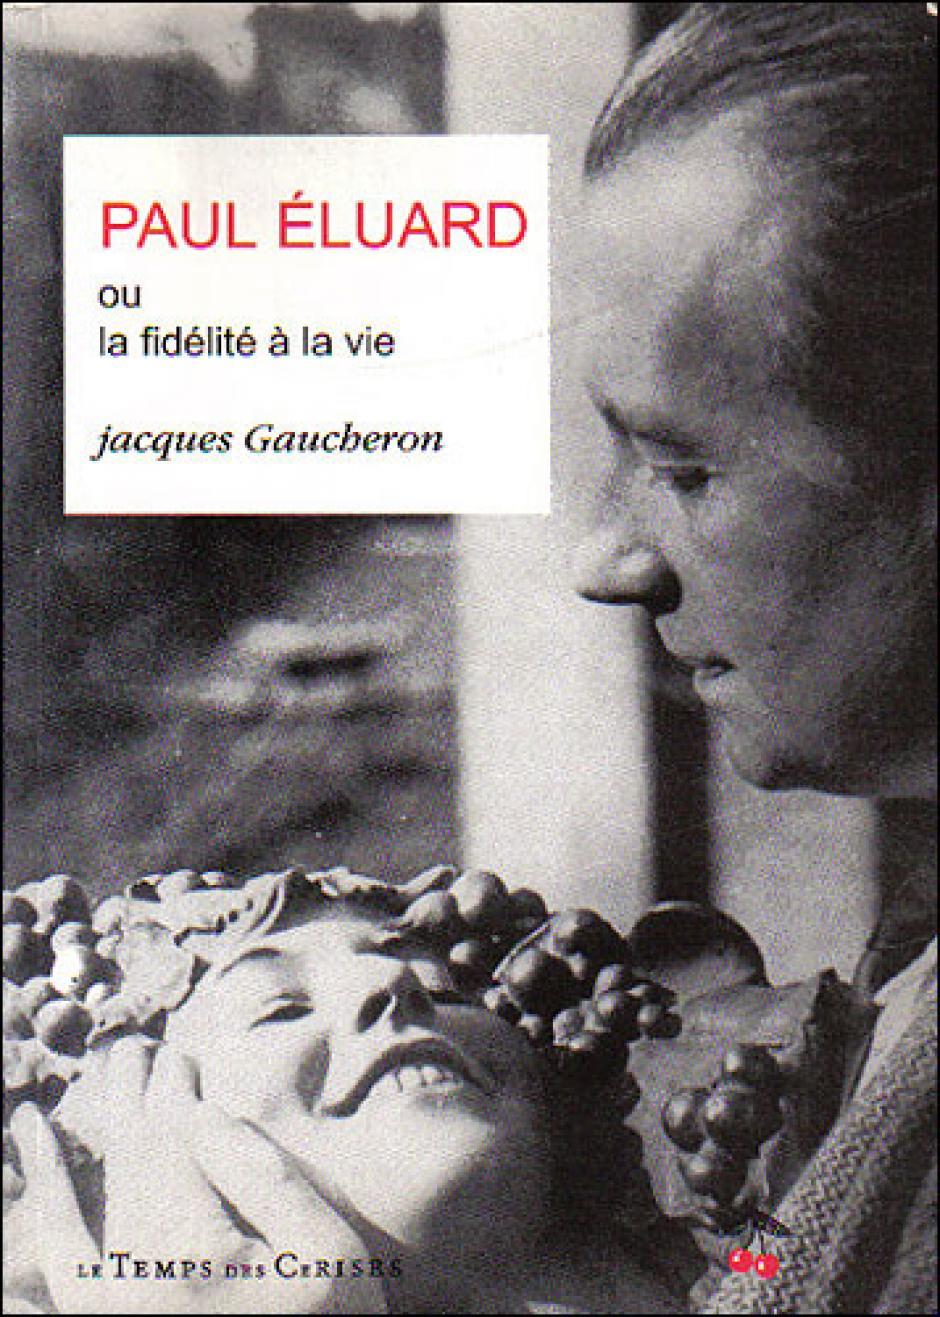 Paul Eluard, ou la fidélité à la vie. Jacques Gaucheron